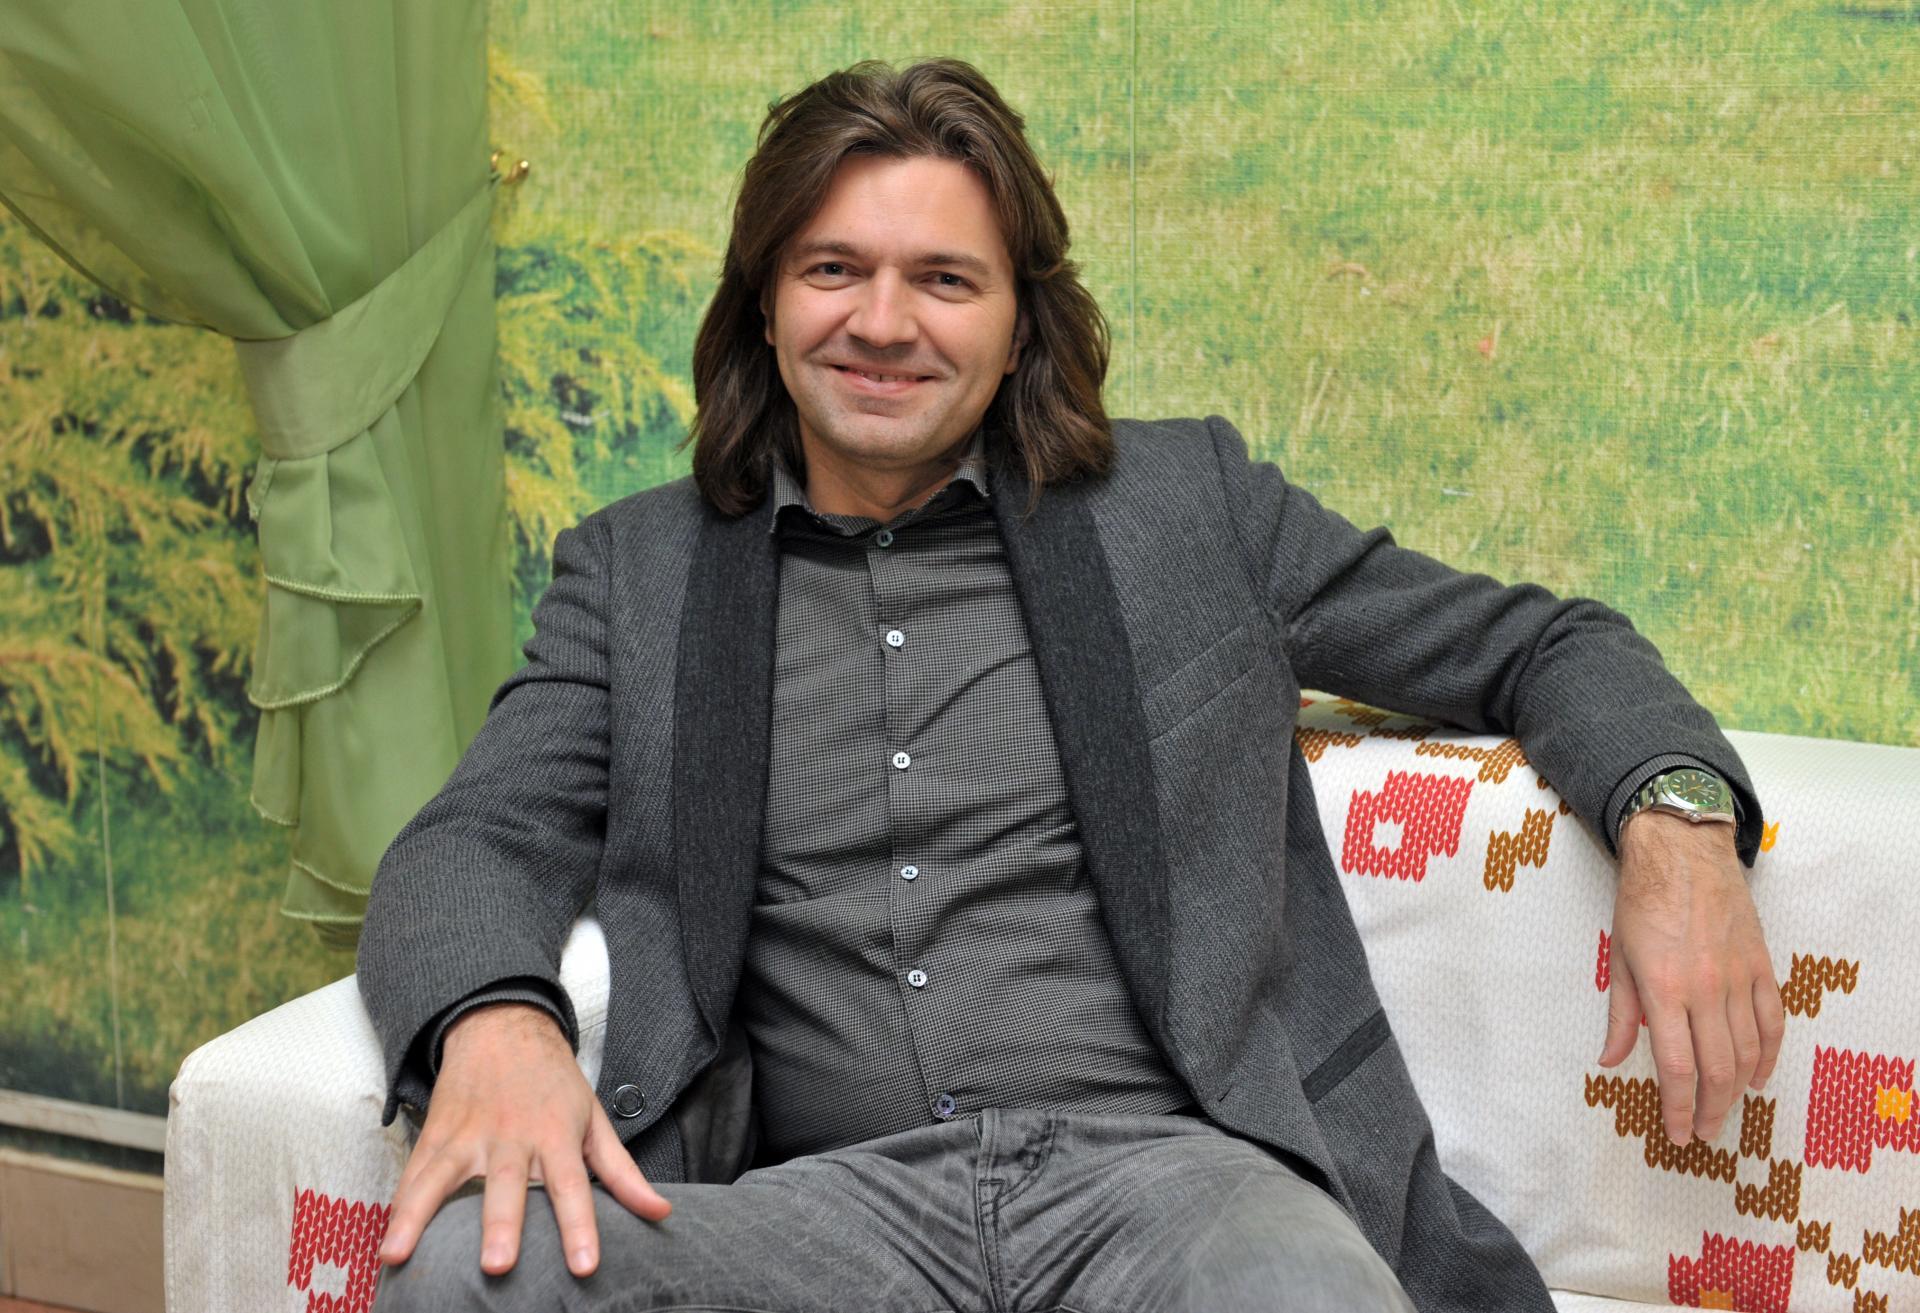 Дмитрий Маликов рассказал об отношениях с женой